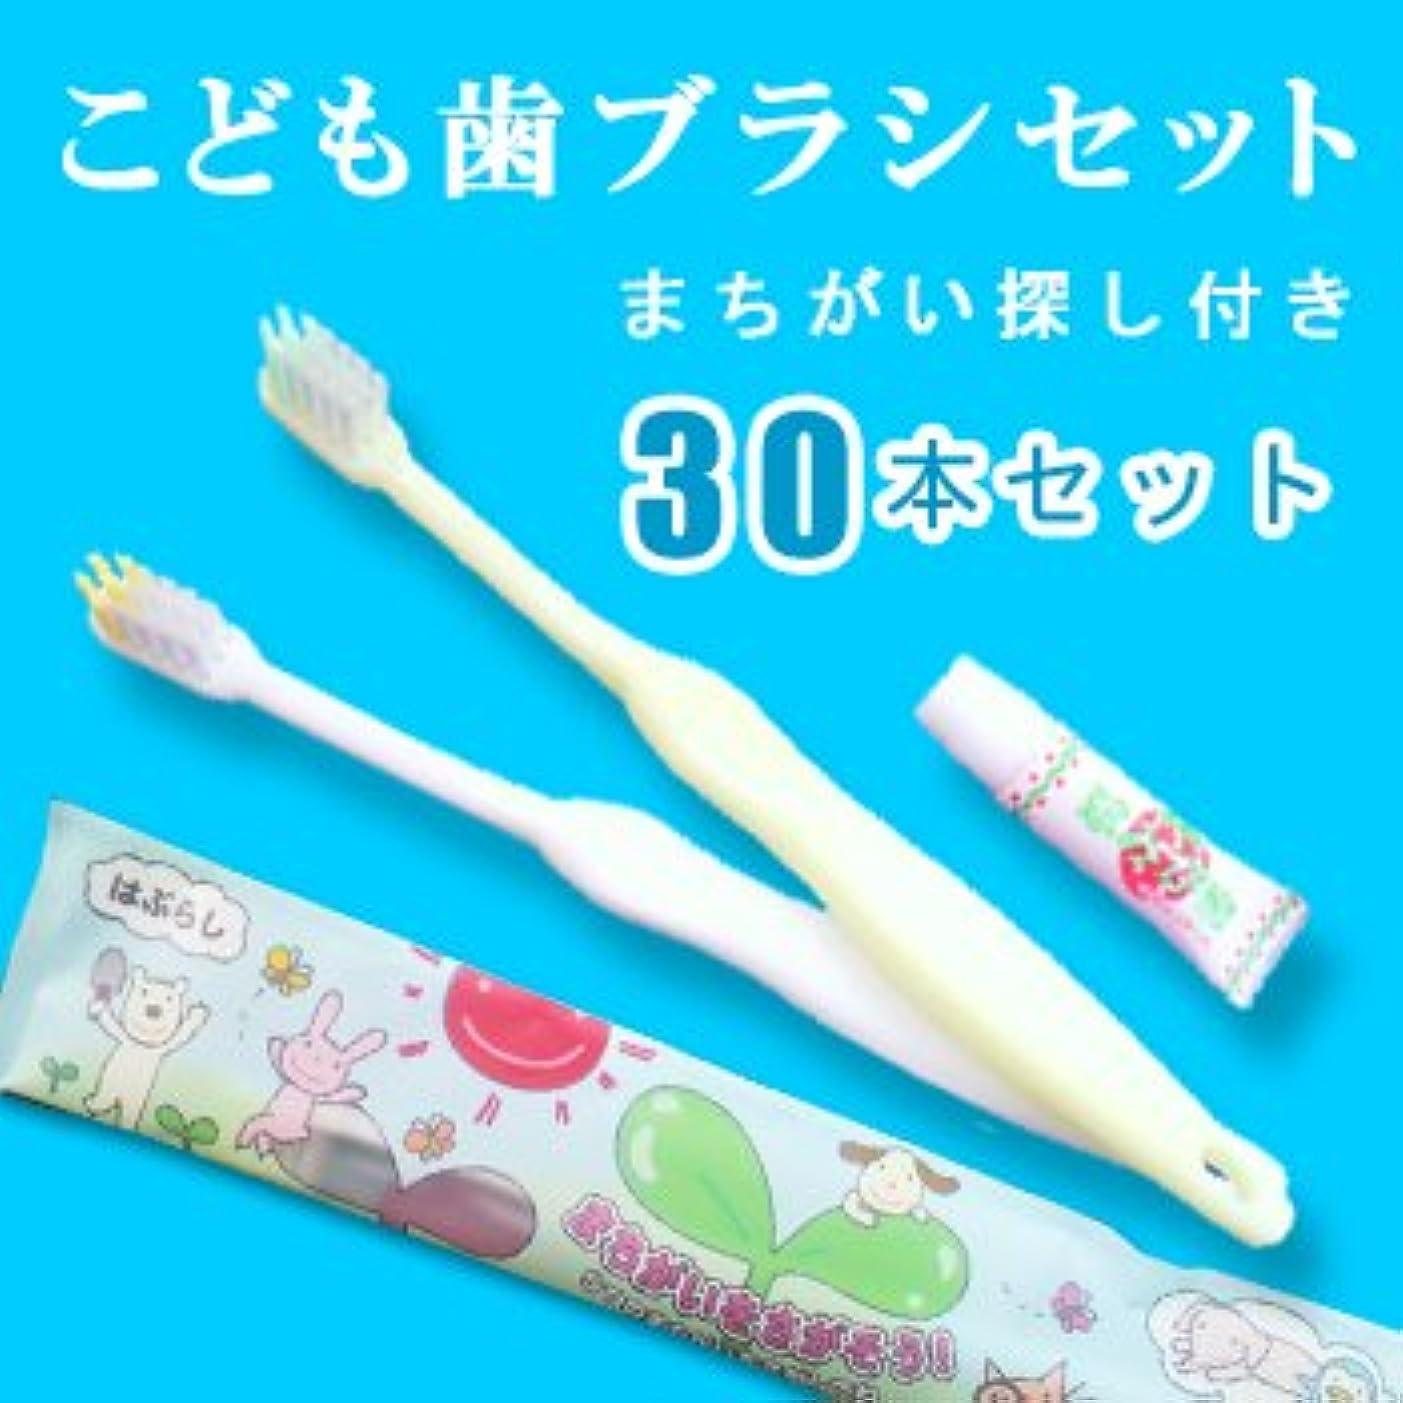 文芸レジデンス強いますこども歯ブラシ いちご味の歯磨き粉3gチューブ付 ホワイト?イエロー各15本アソート(1セット30本)